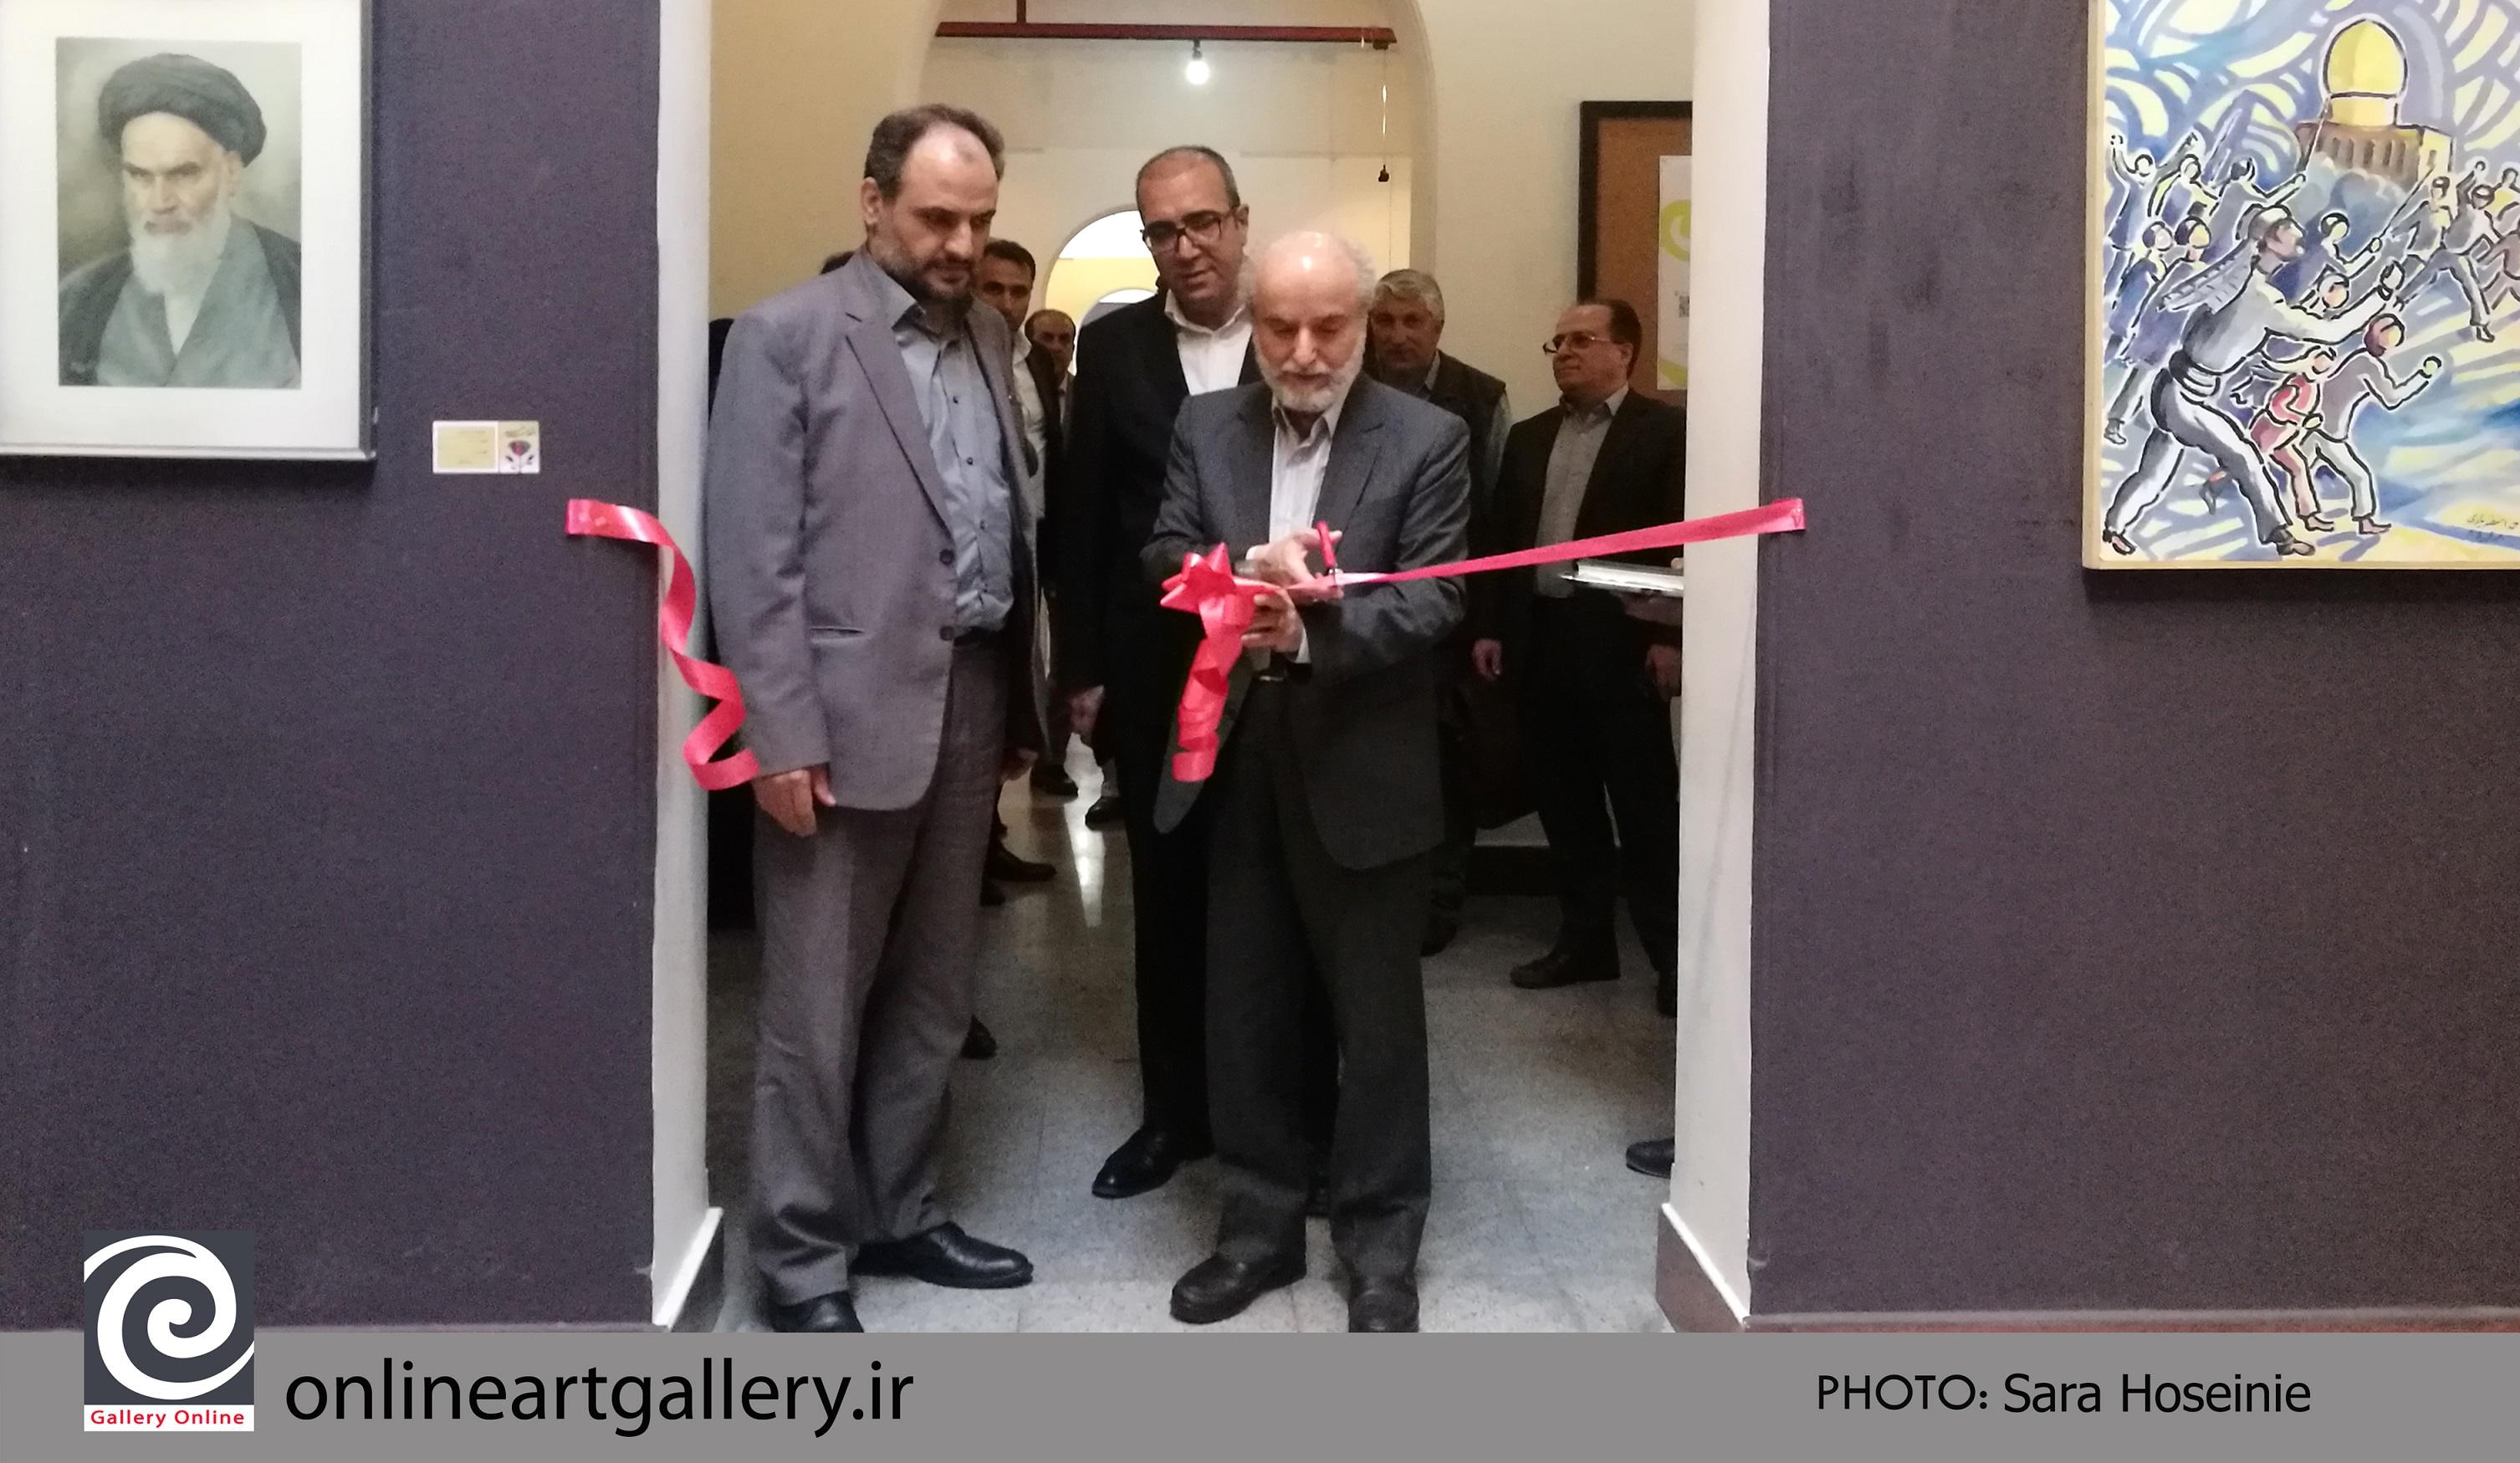 """نمایشگاه نقاشی """"انقلاب هنر"""" در موسسه صبا برپا شد"""